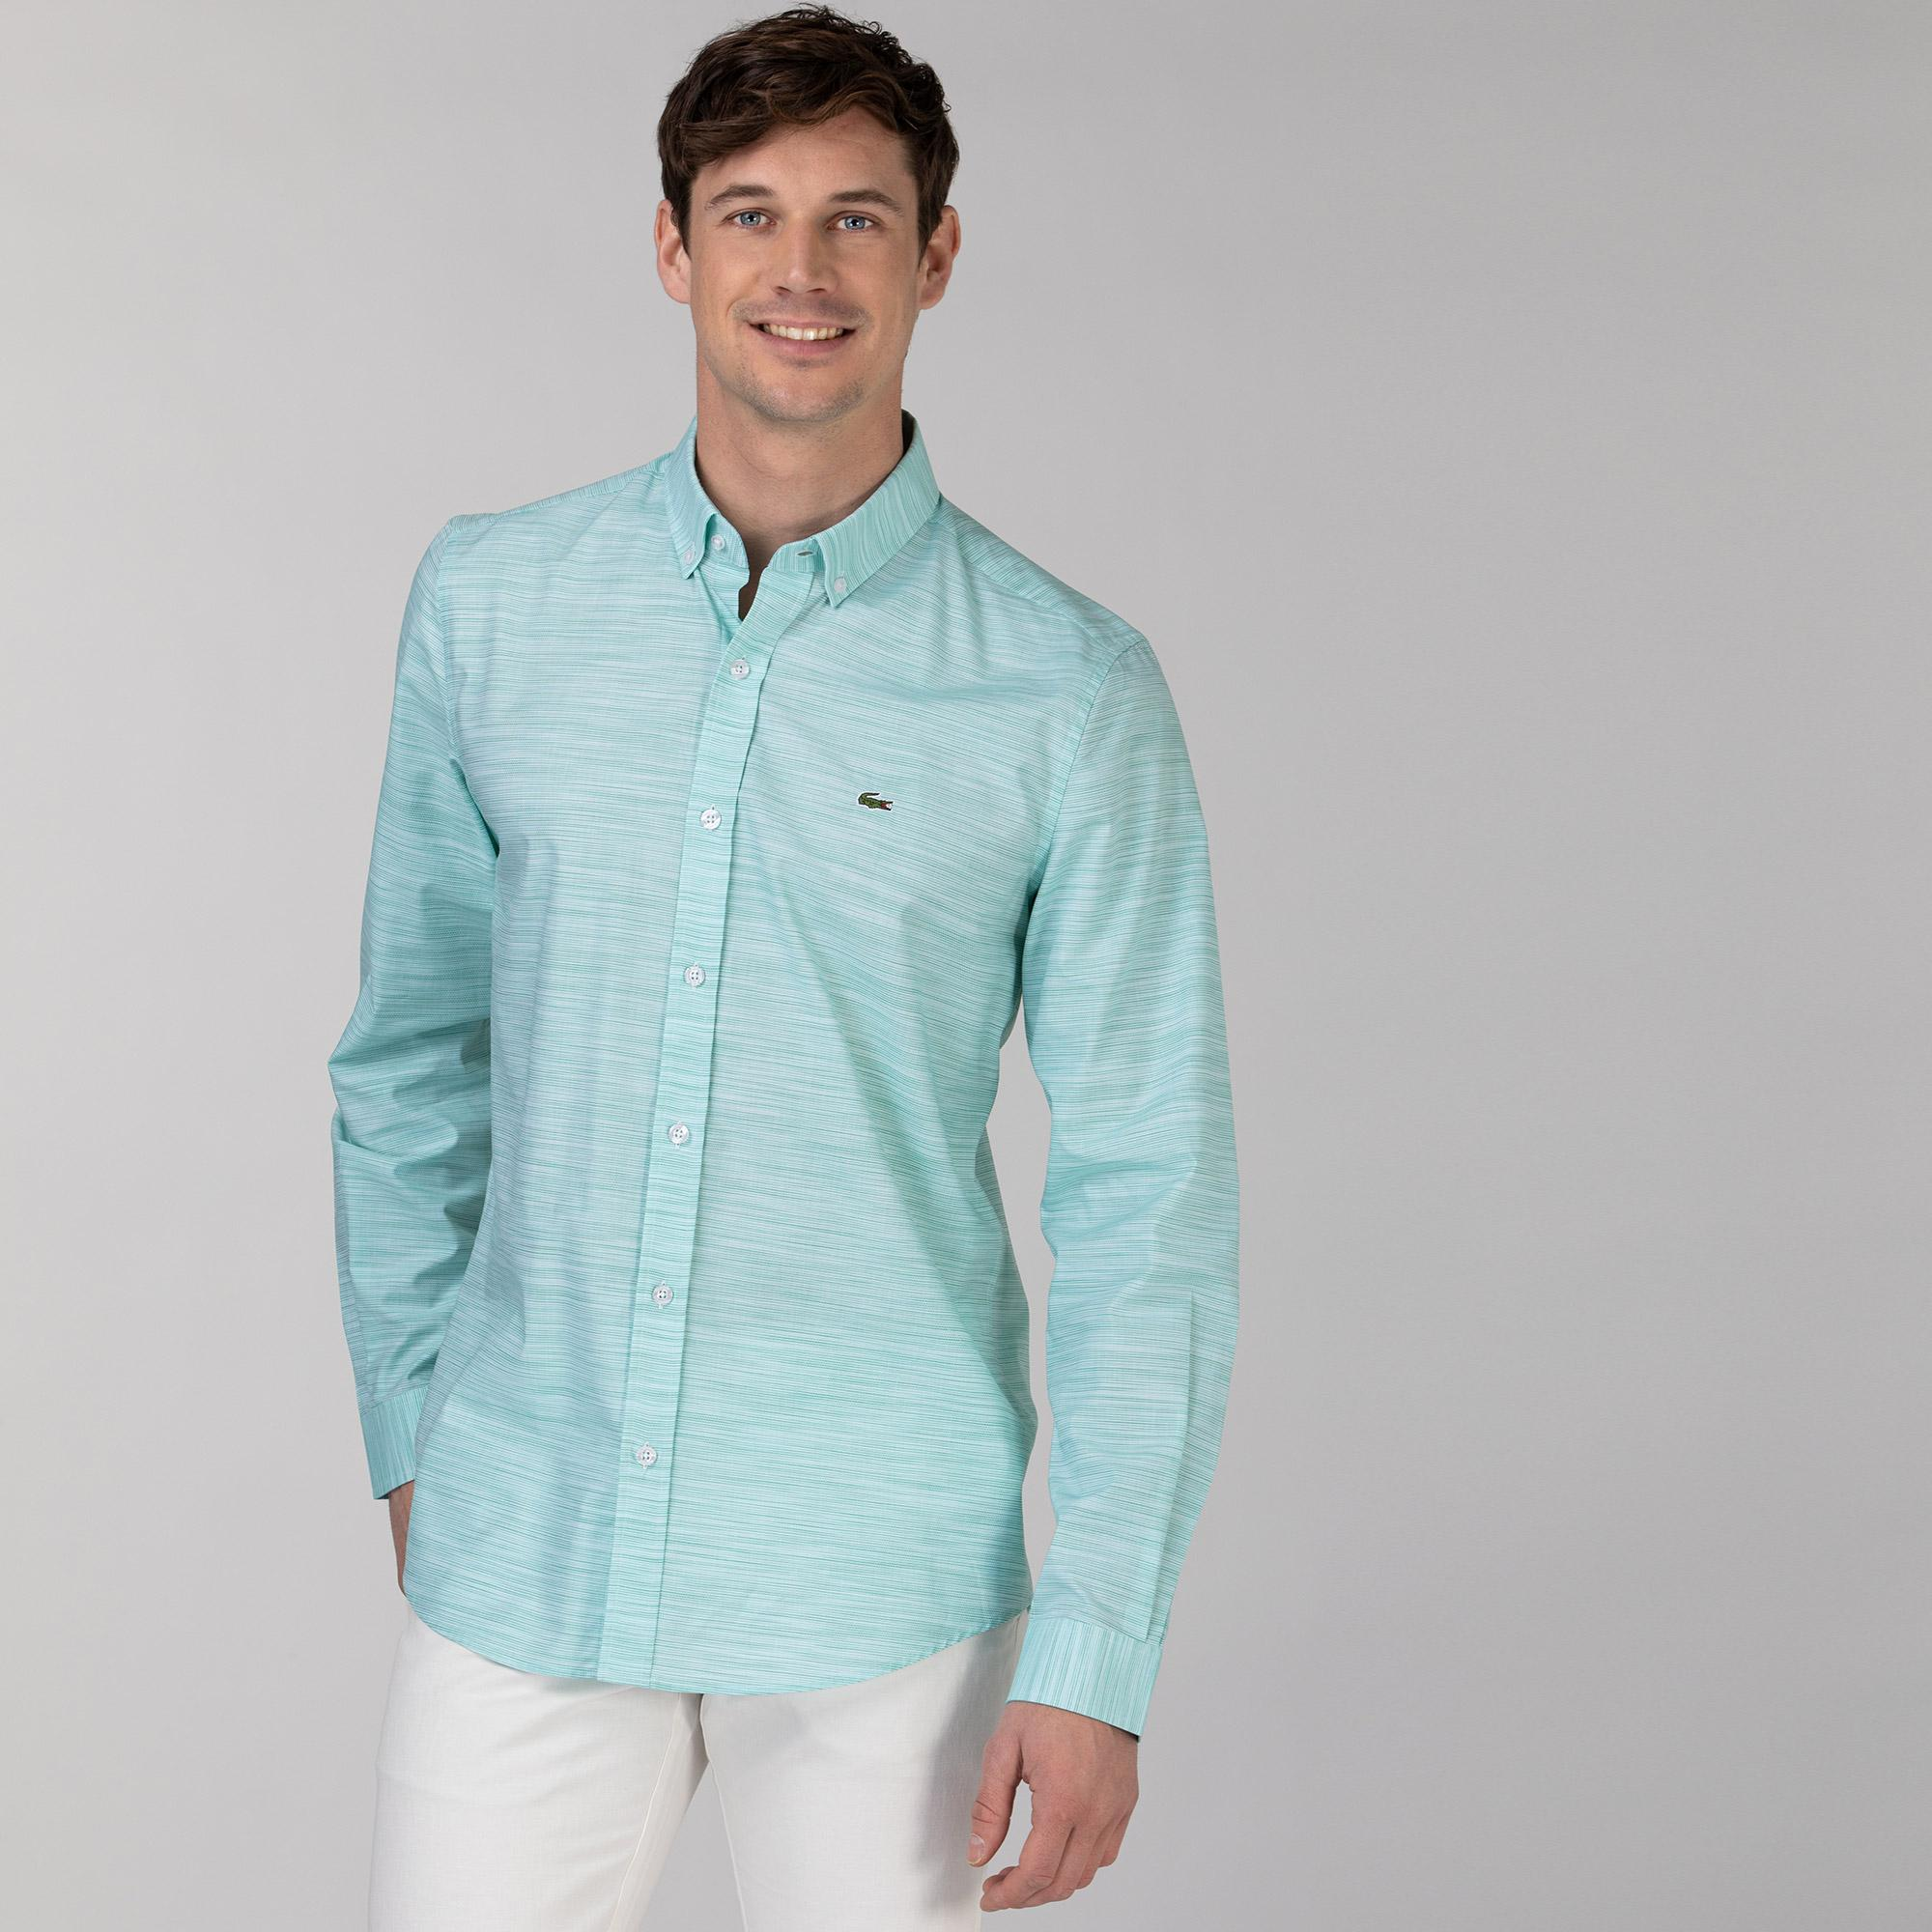 Lacoste Erkek Slim Fit Desenli Açık Yeşil Gömlek